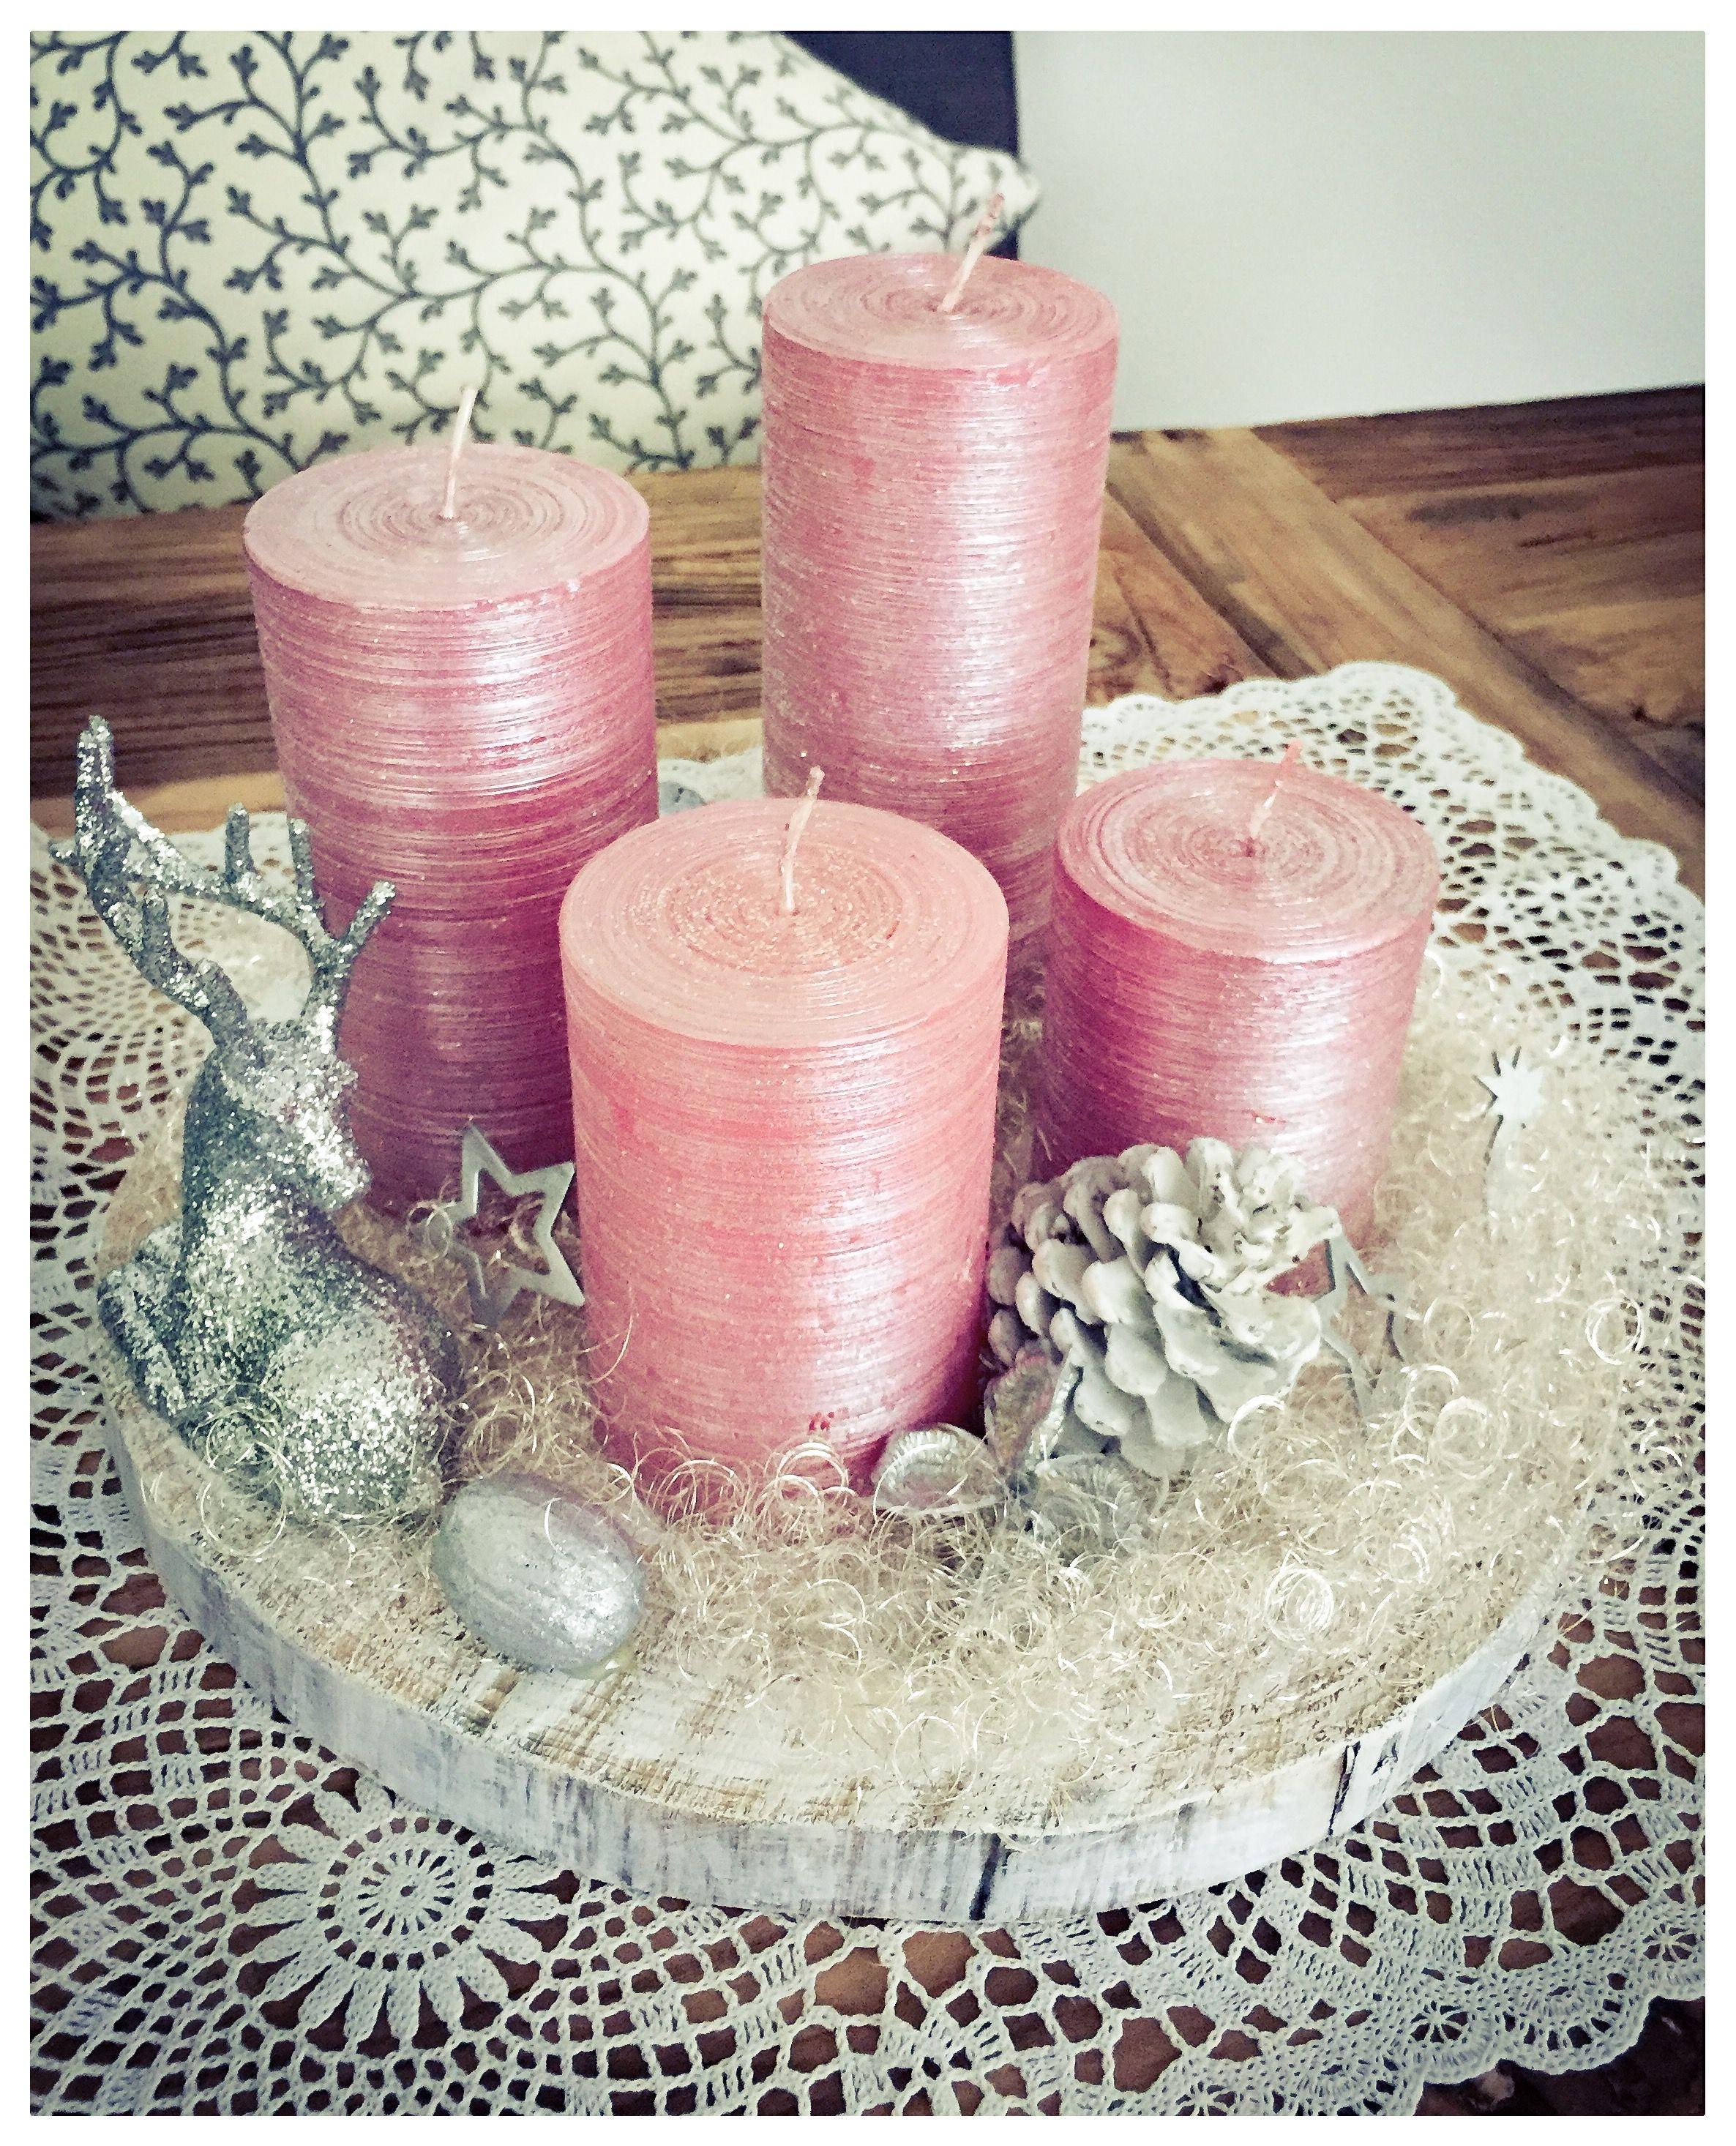 Advent Adventskranz Weihnachten Kerzen Sabby Chic Basteln Holzscheiben Rosa Weiss Chritmas Basteln Gescha Weihnachtsdeko Rosa Adventskranz Holz Weihnachtsliebe